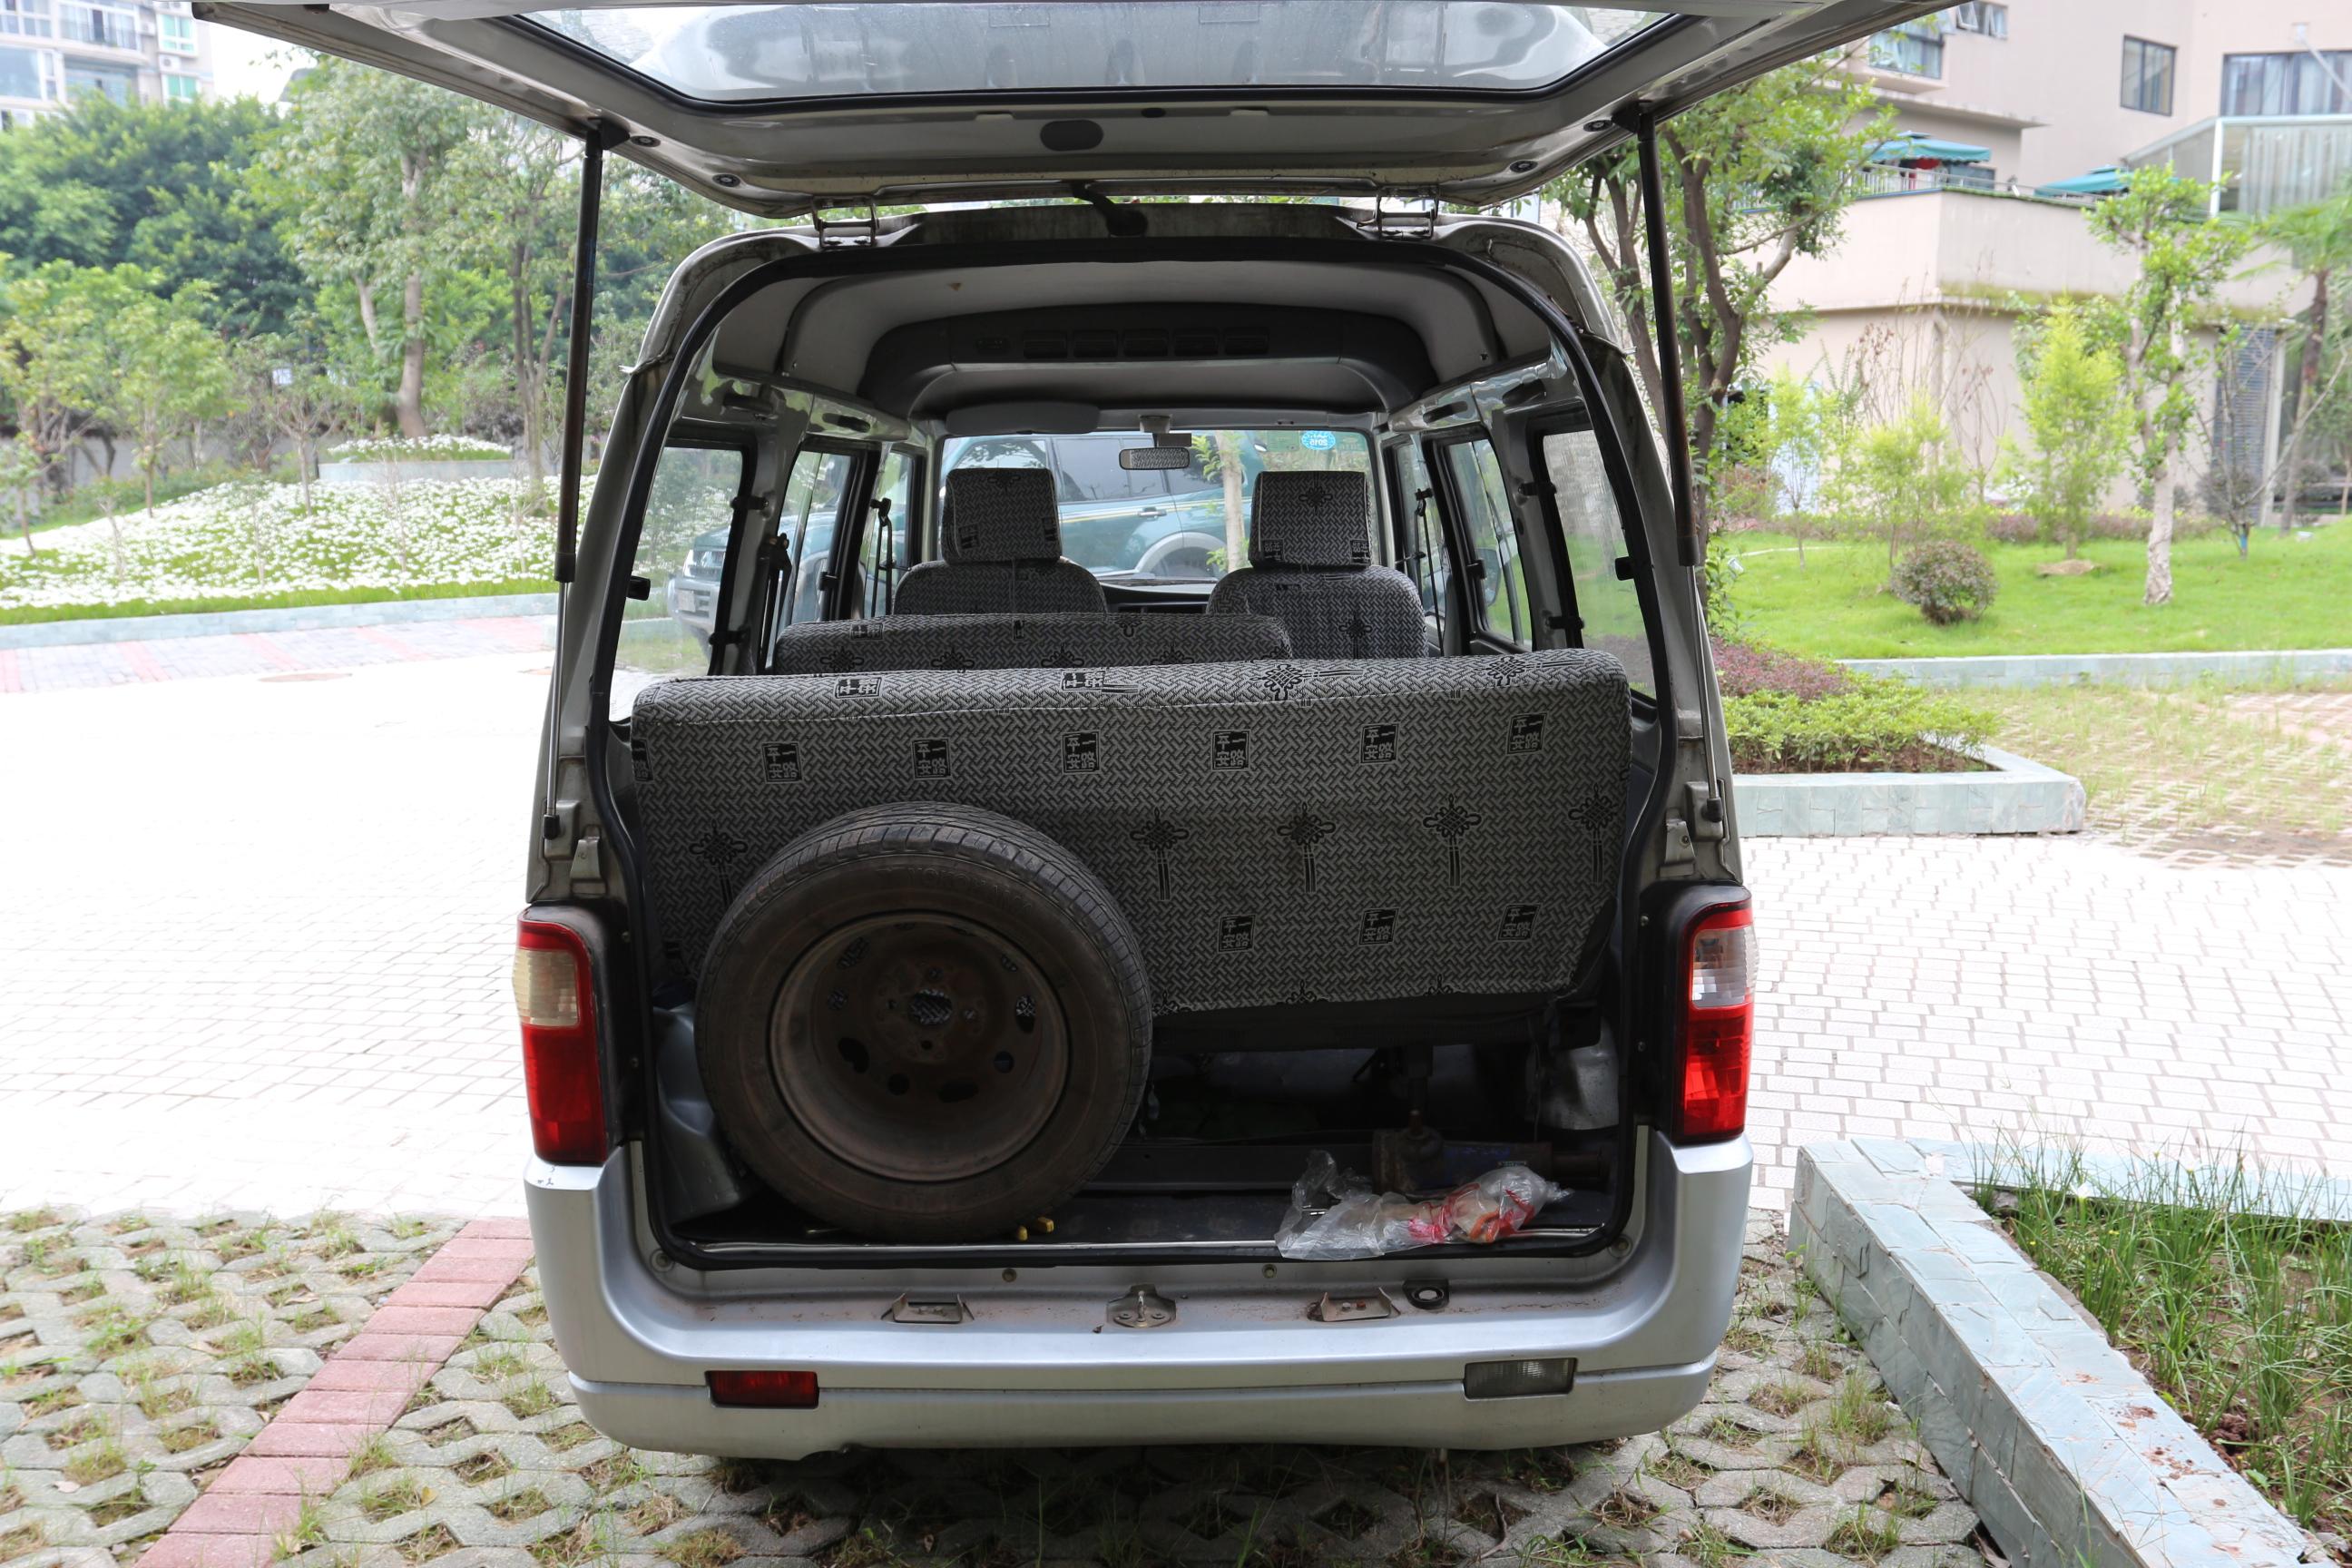 经检测,该车辆前保险杠可见伤,发动机舱盖表面可见伤,行李箱盖喷漆